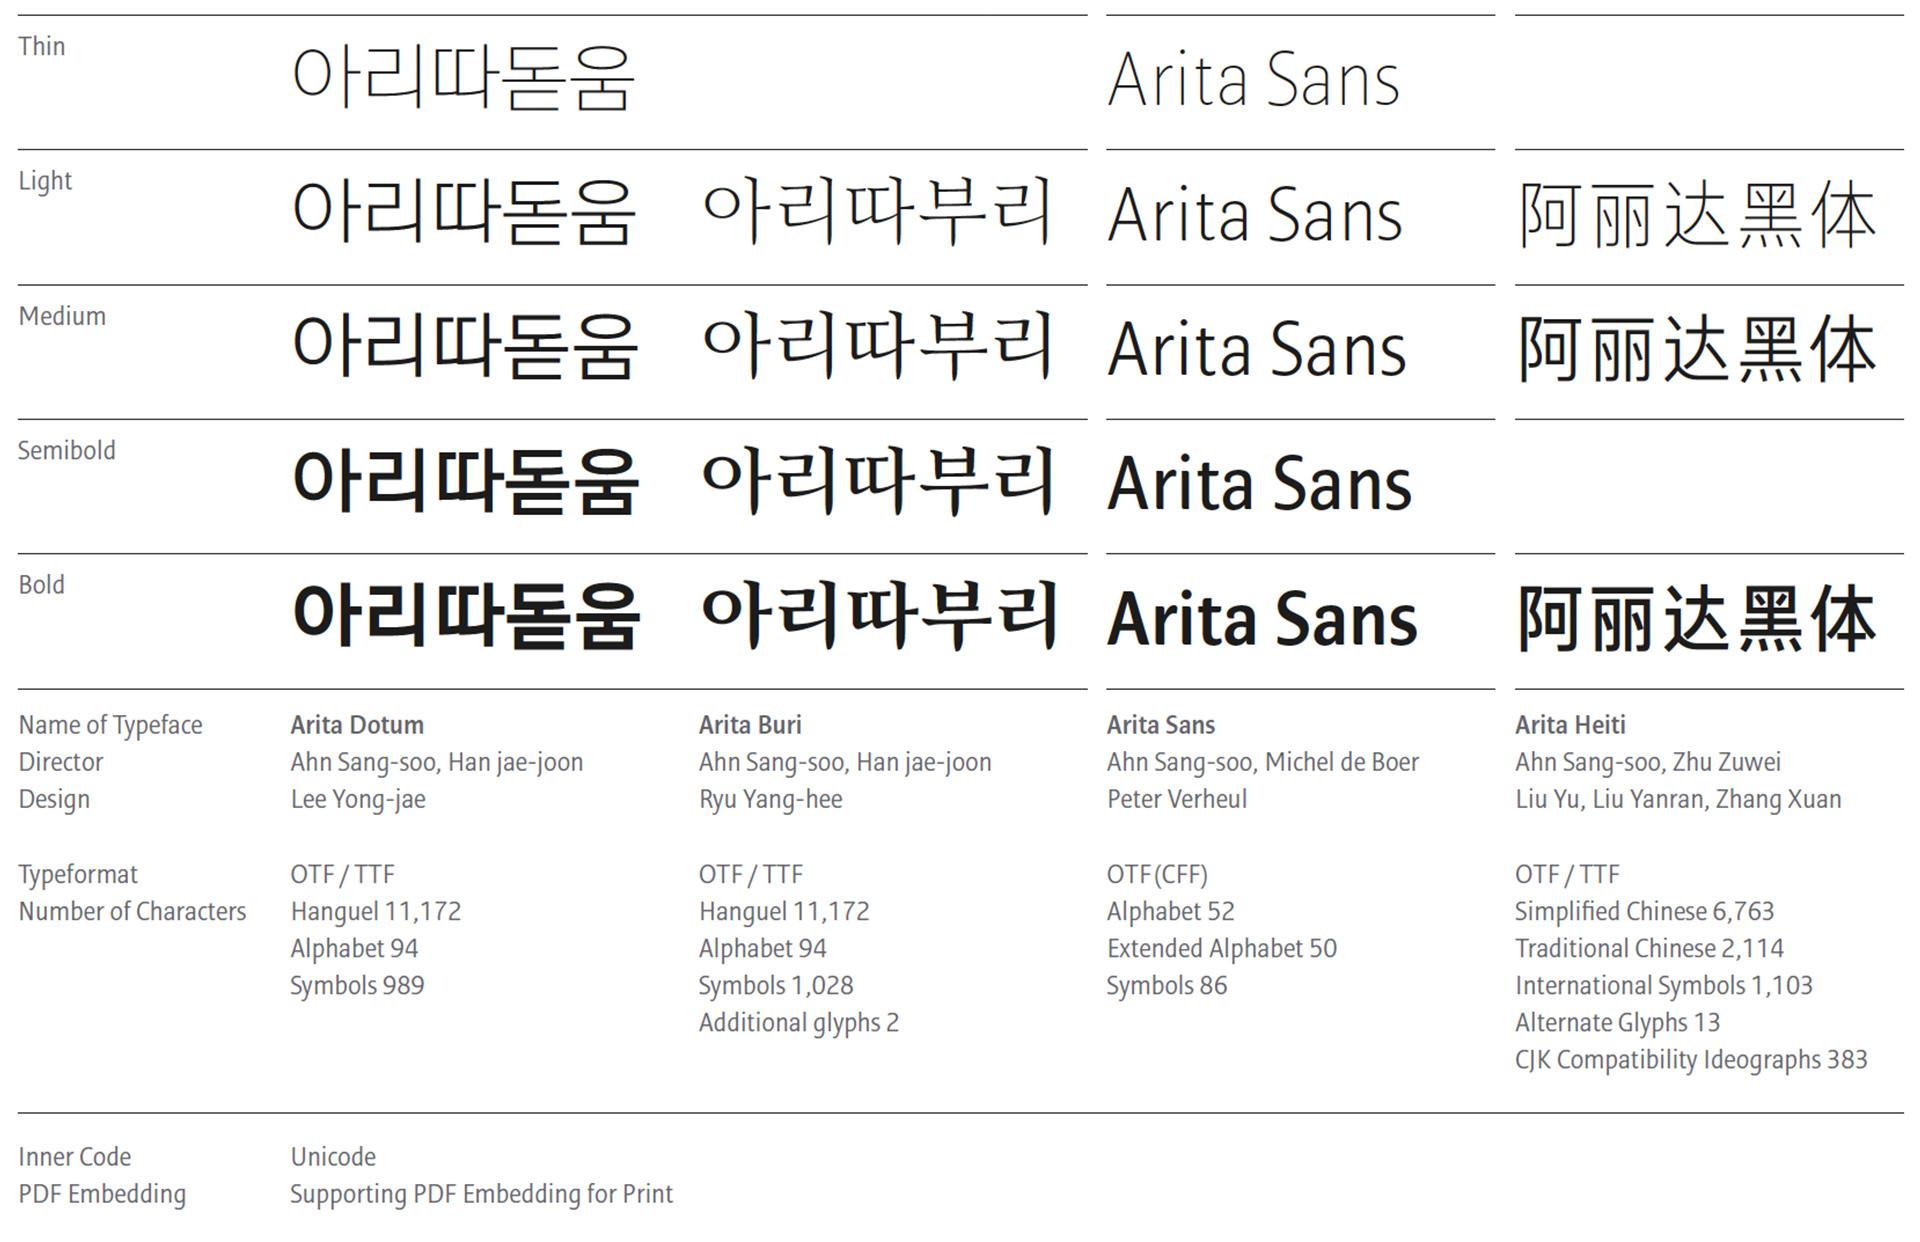 arita index image